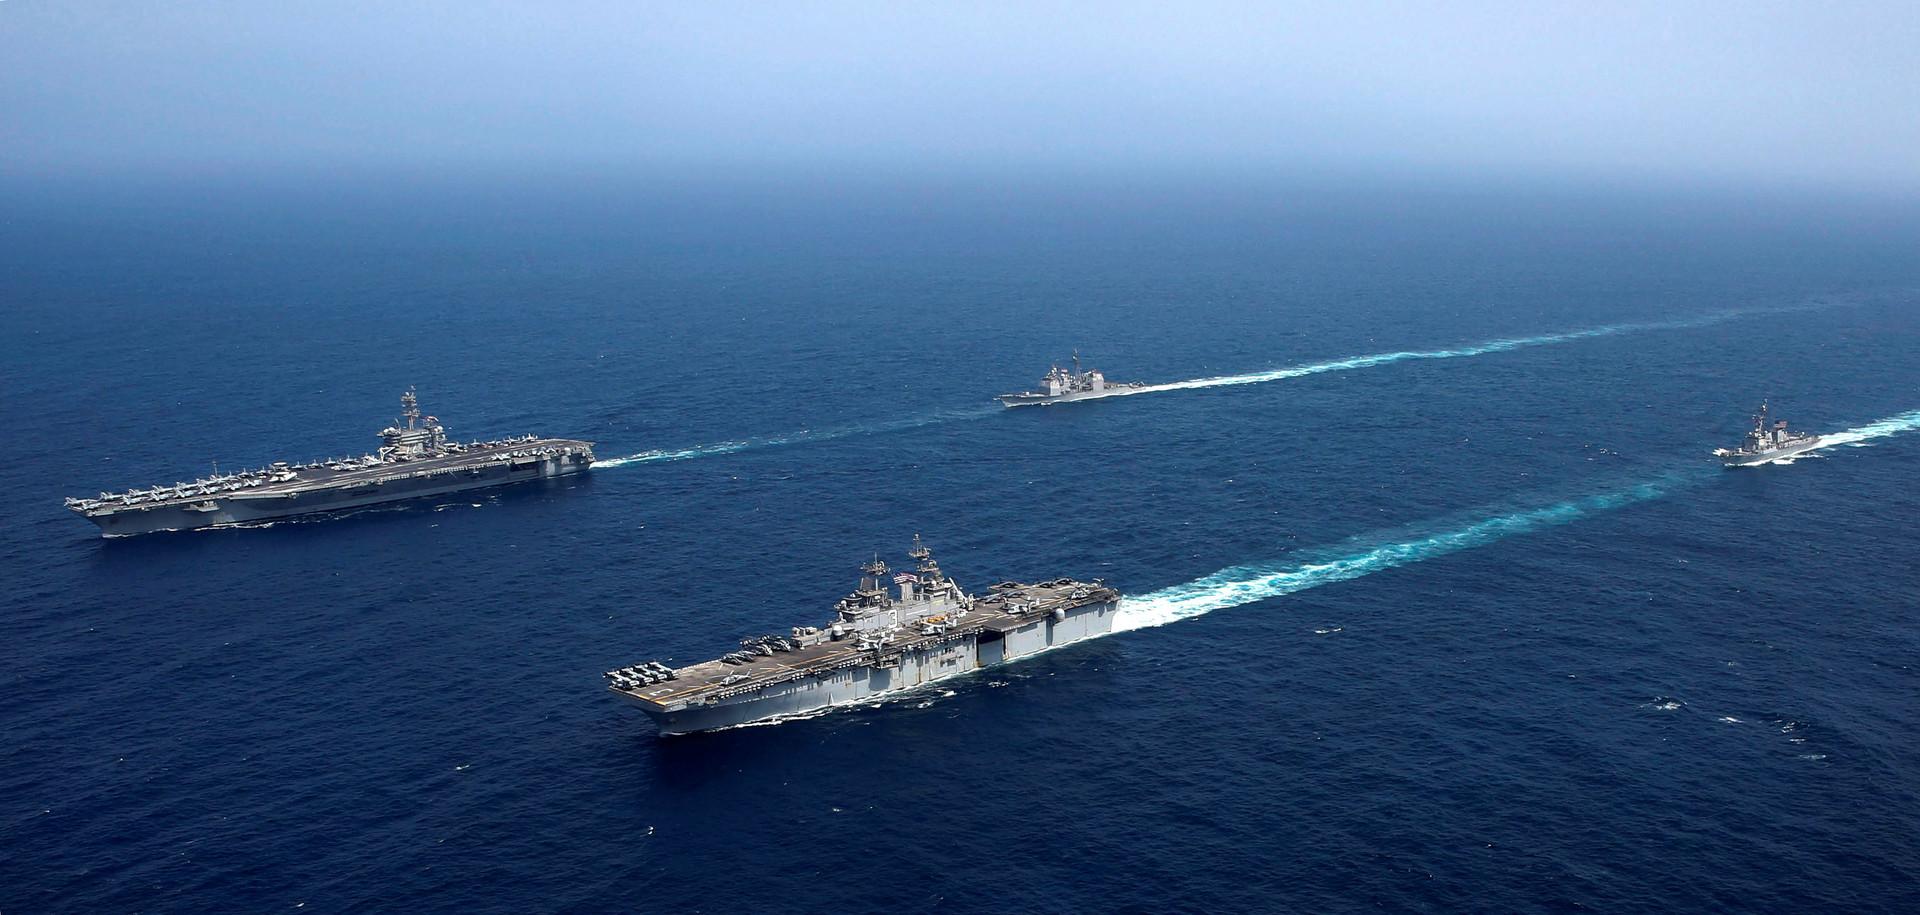 البنتاغون: أحبطنا هجمات على قواتنا في الخليج ولن نشن حربا على إيران